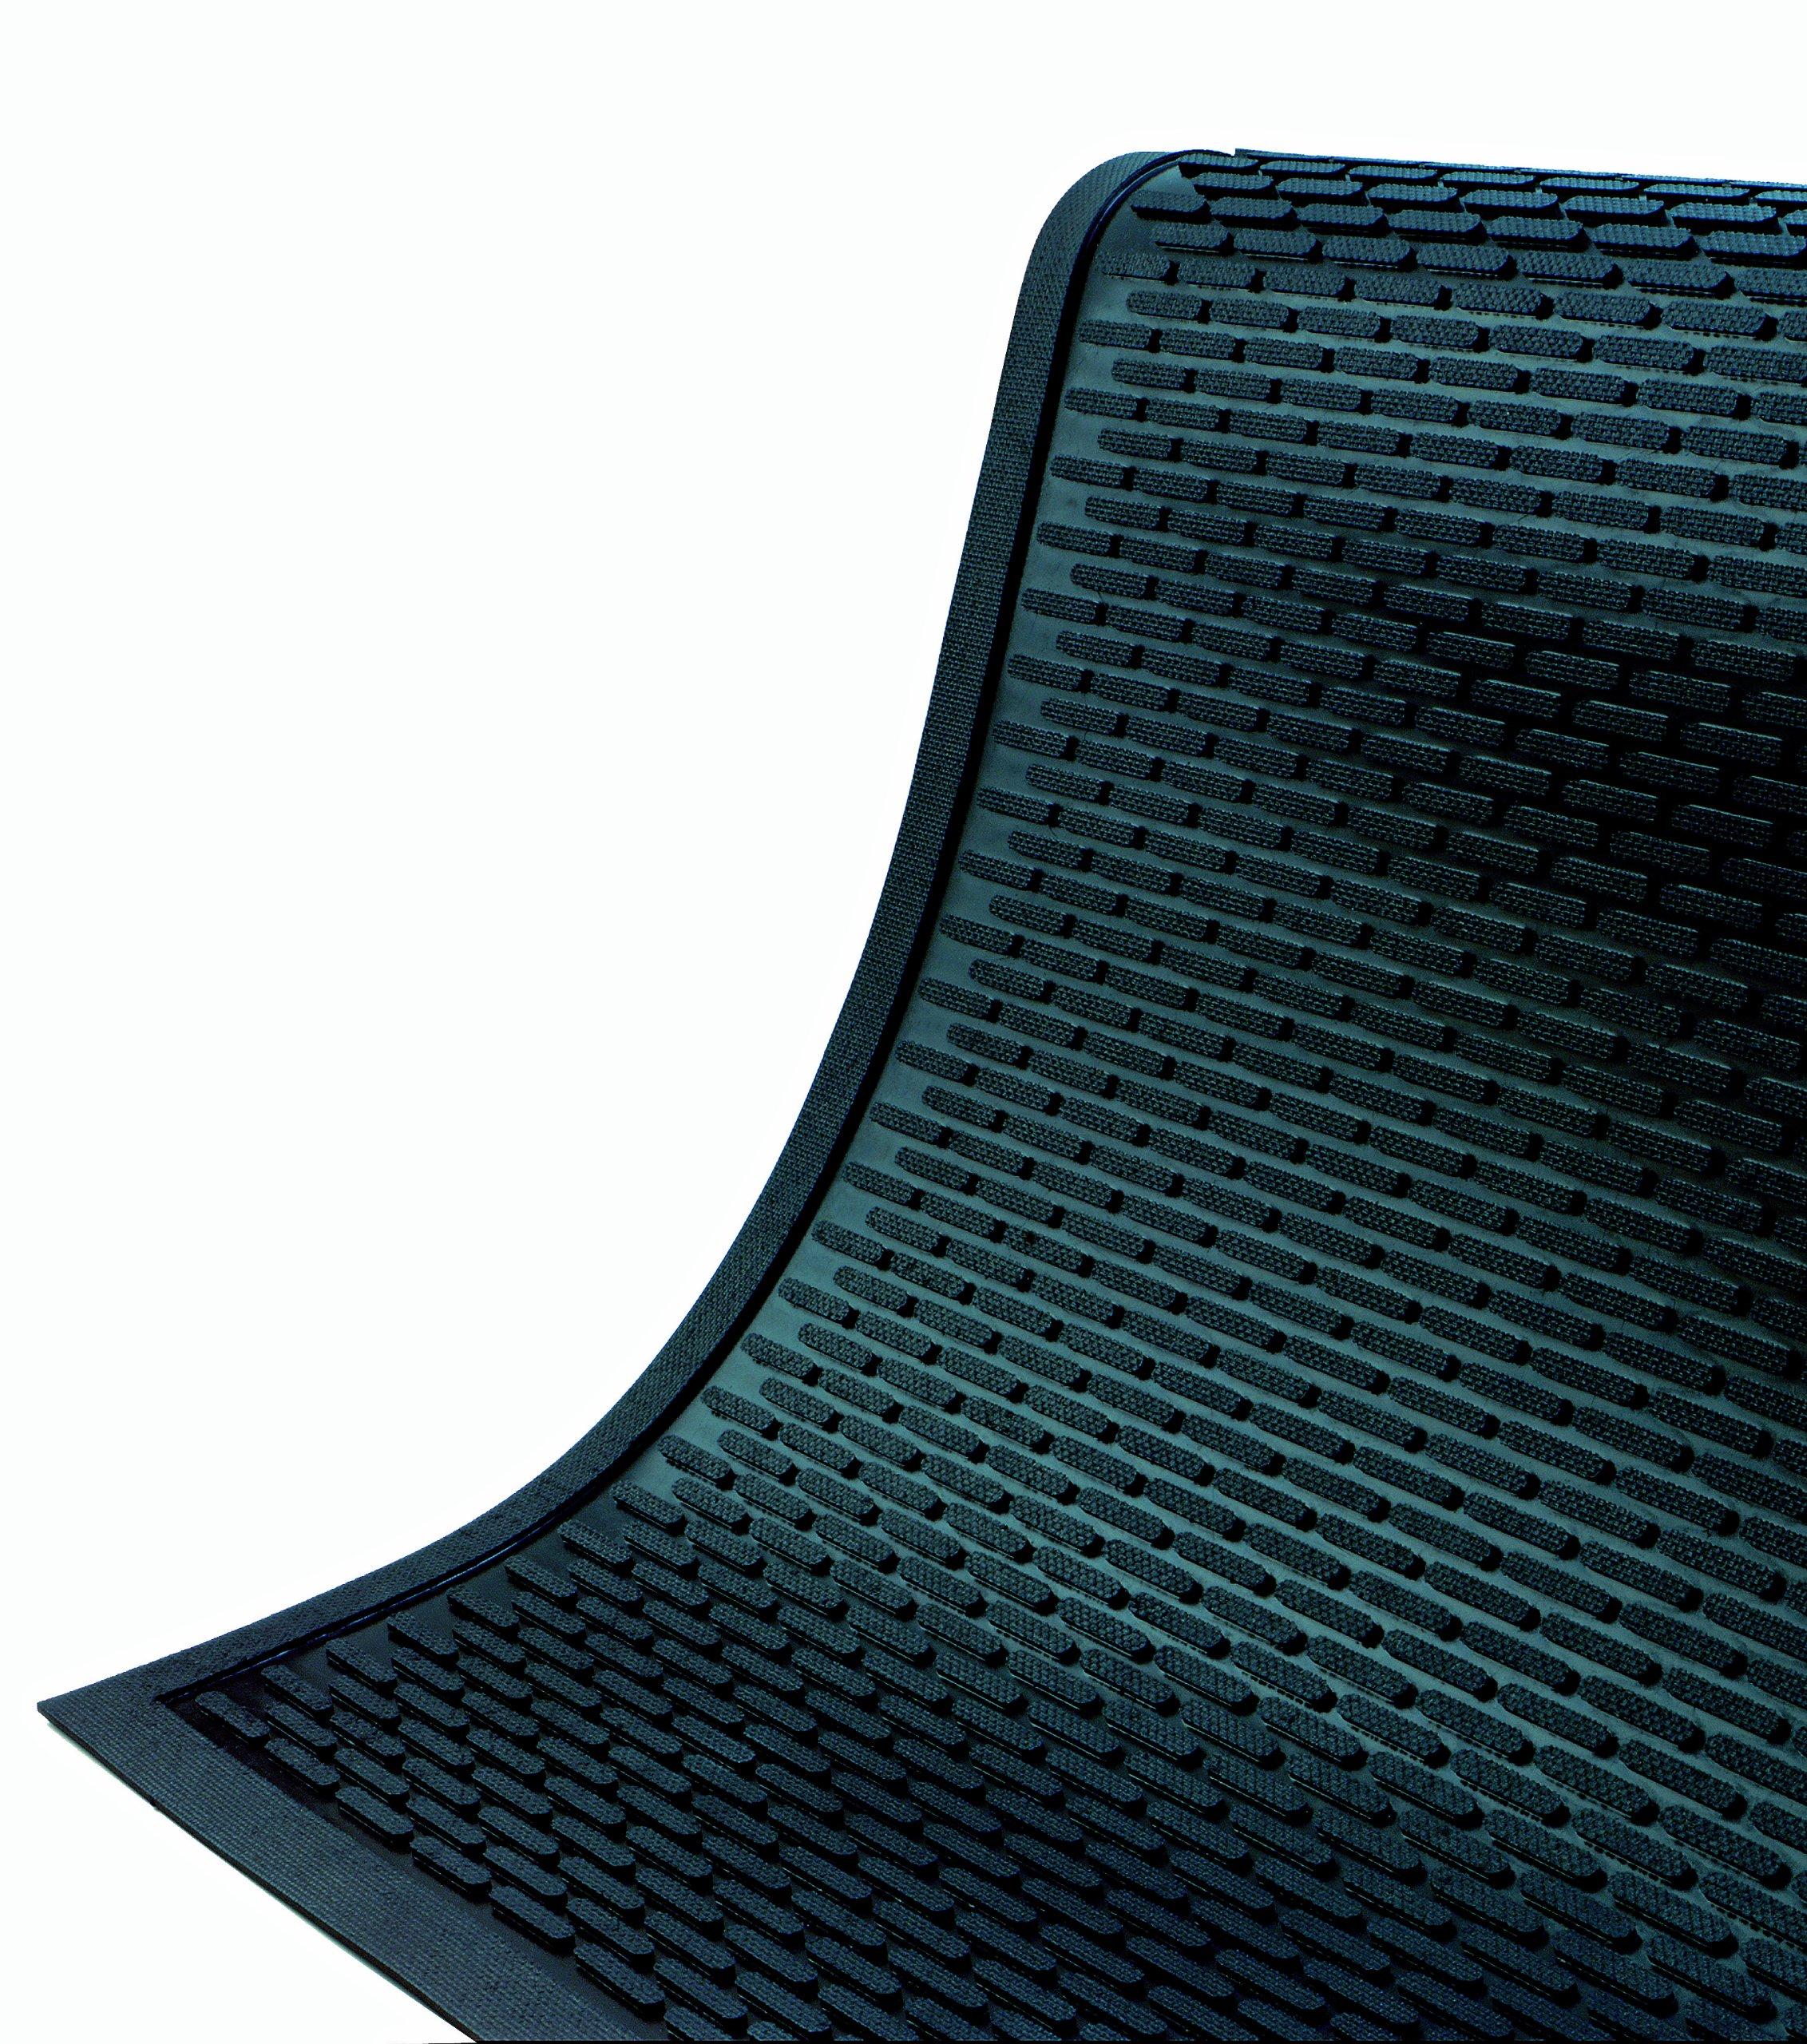 SuperScrape Durable Outdoor Rubber Scraper Mat 6' Length x 6' Width by M+A Matting